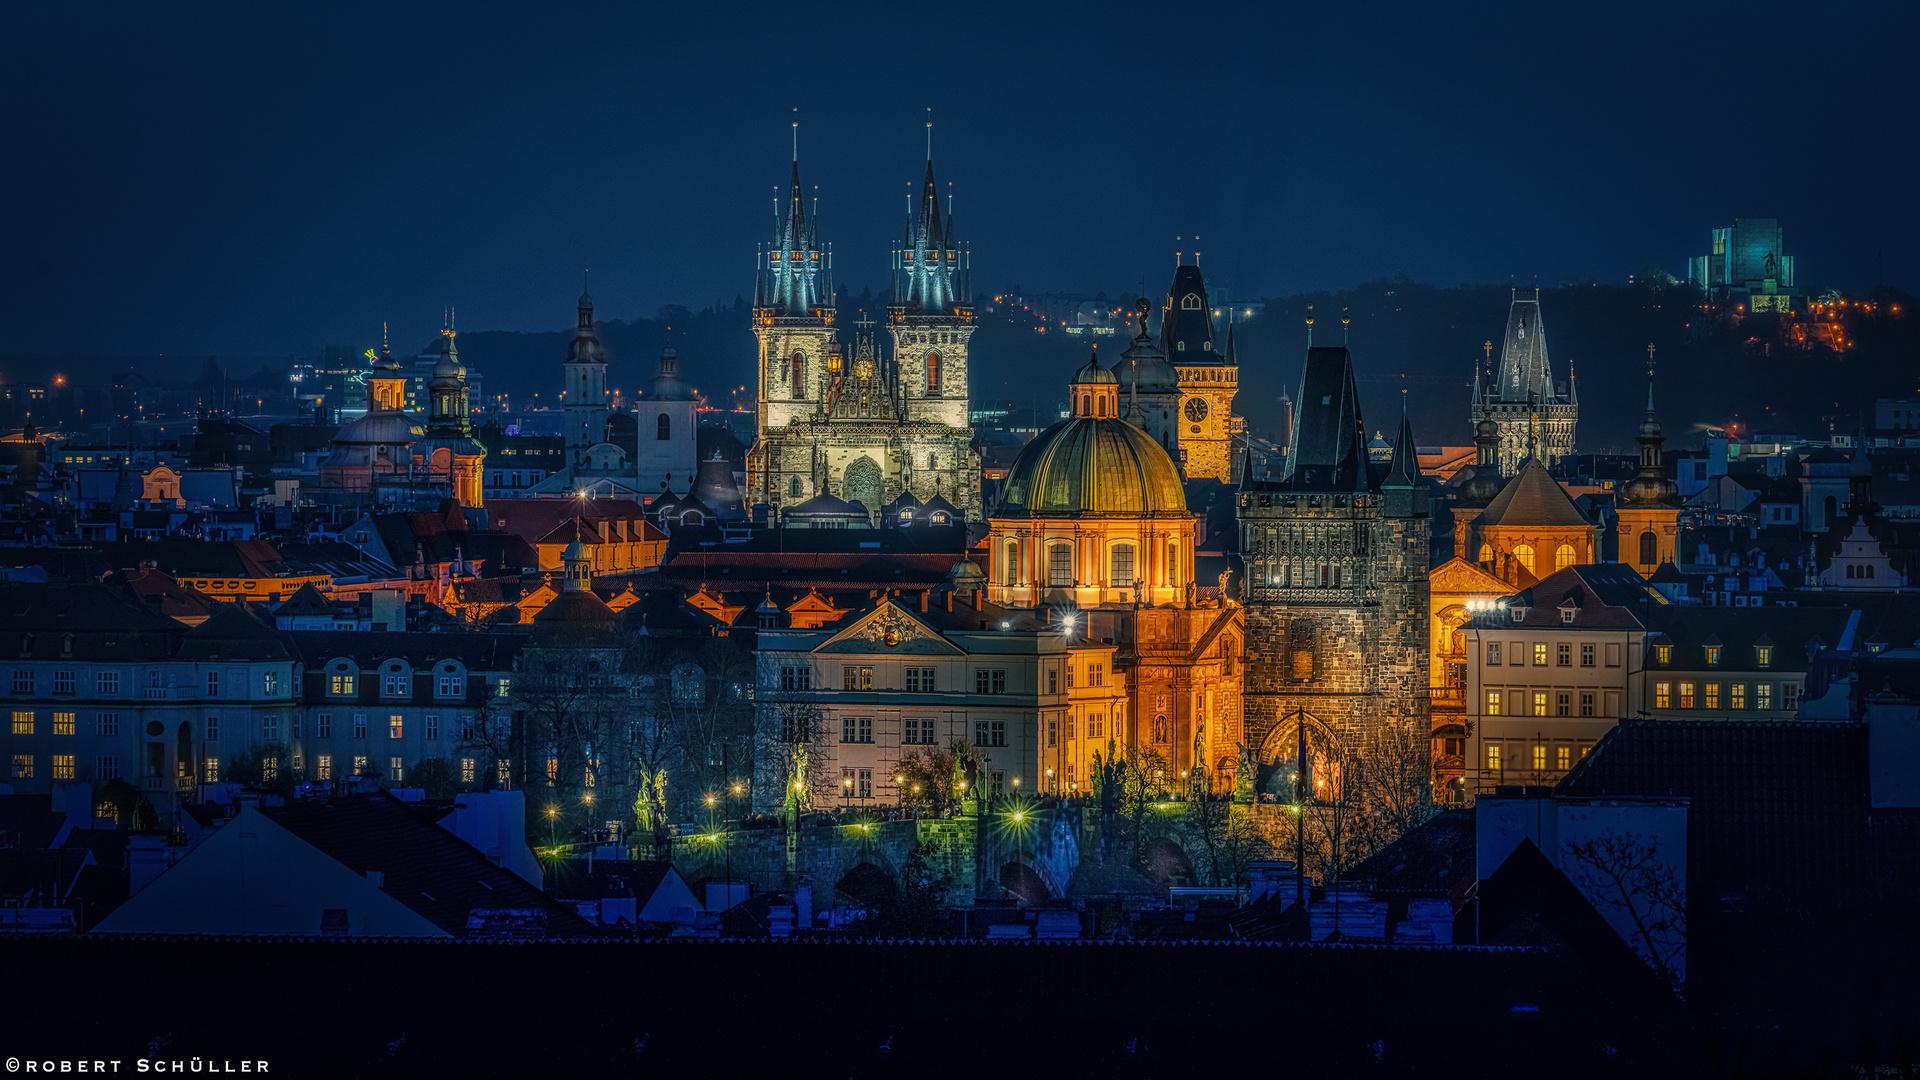 PRAG: Hundert Türme an der Moldau